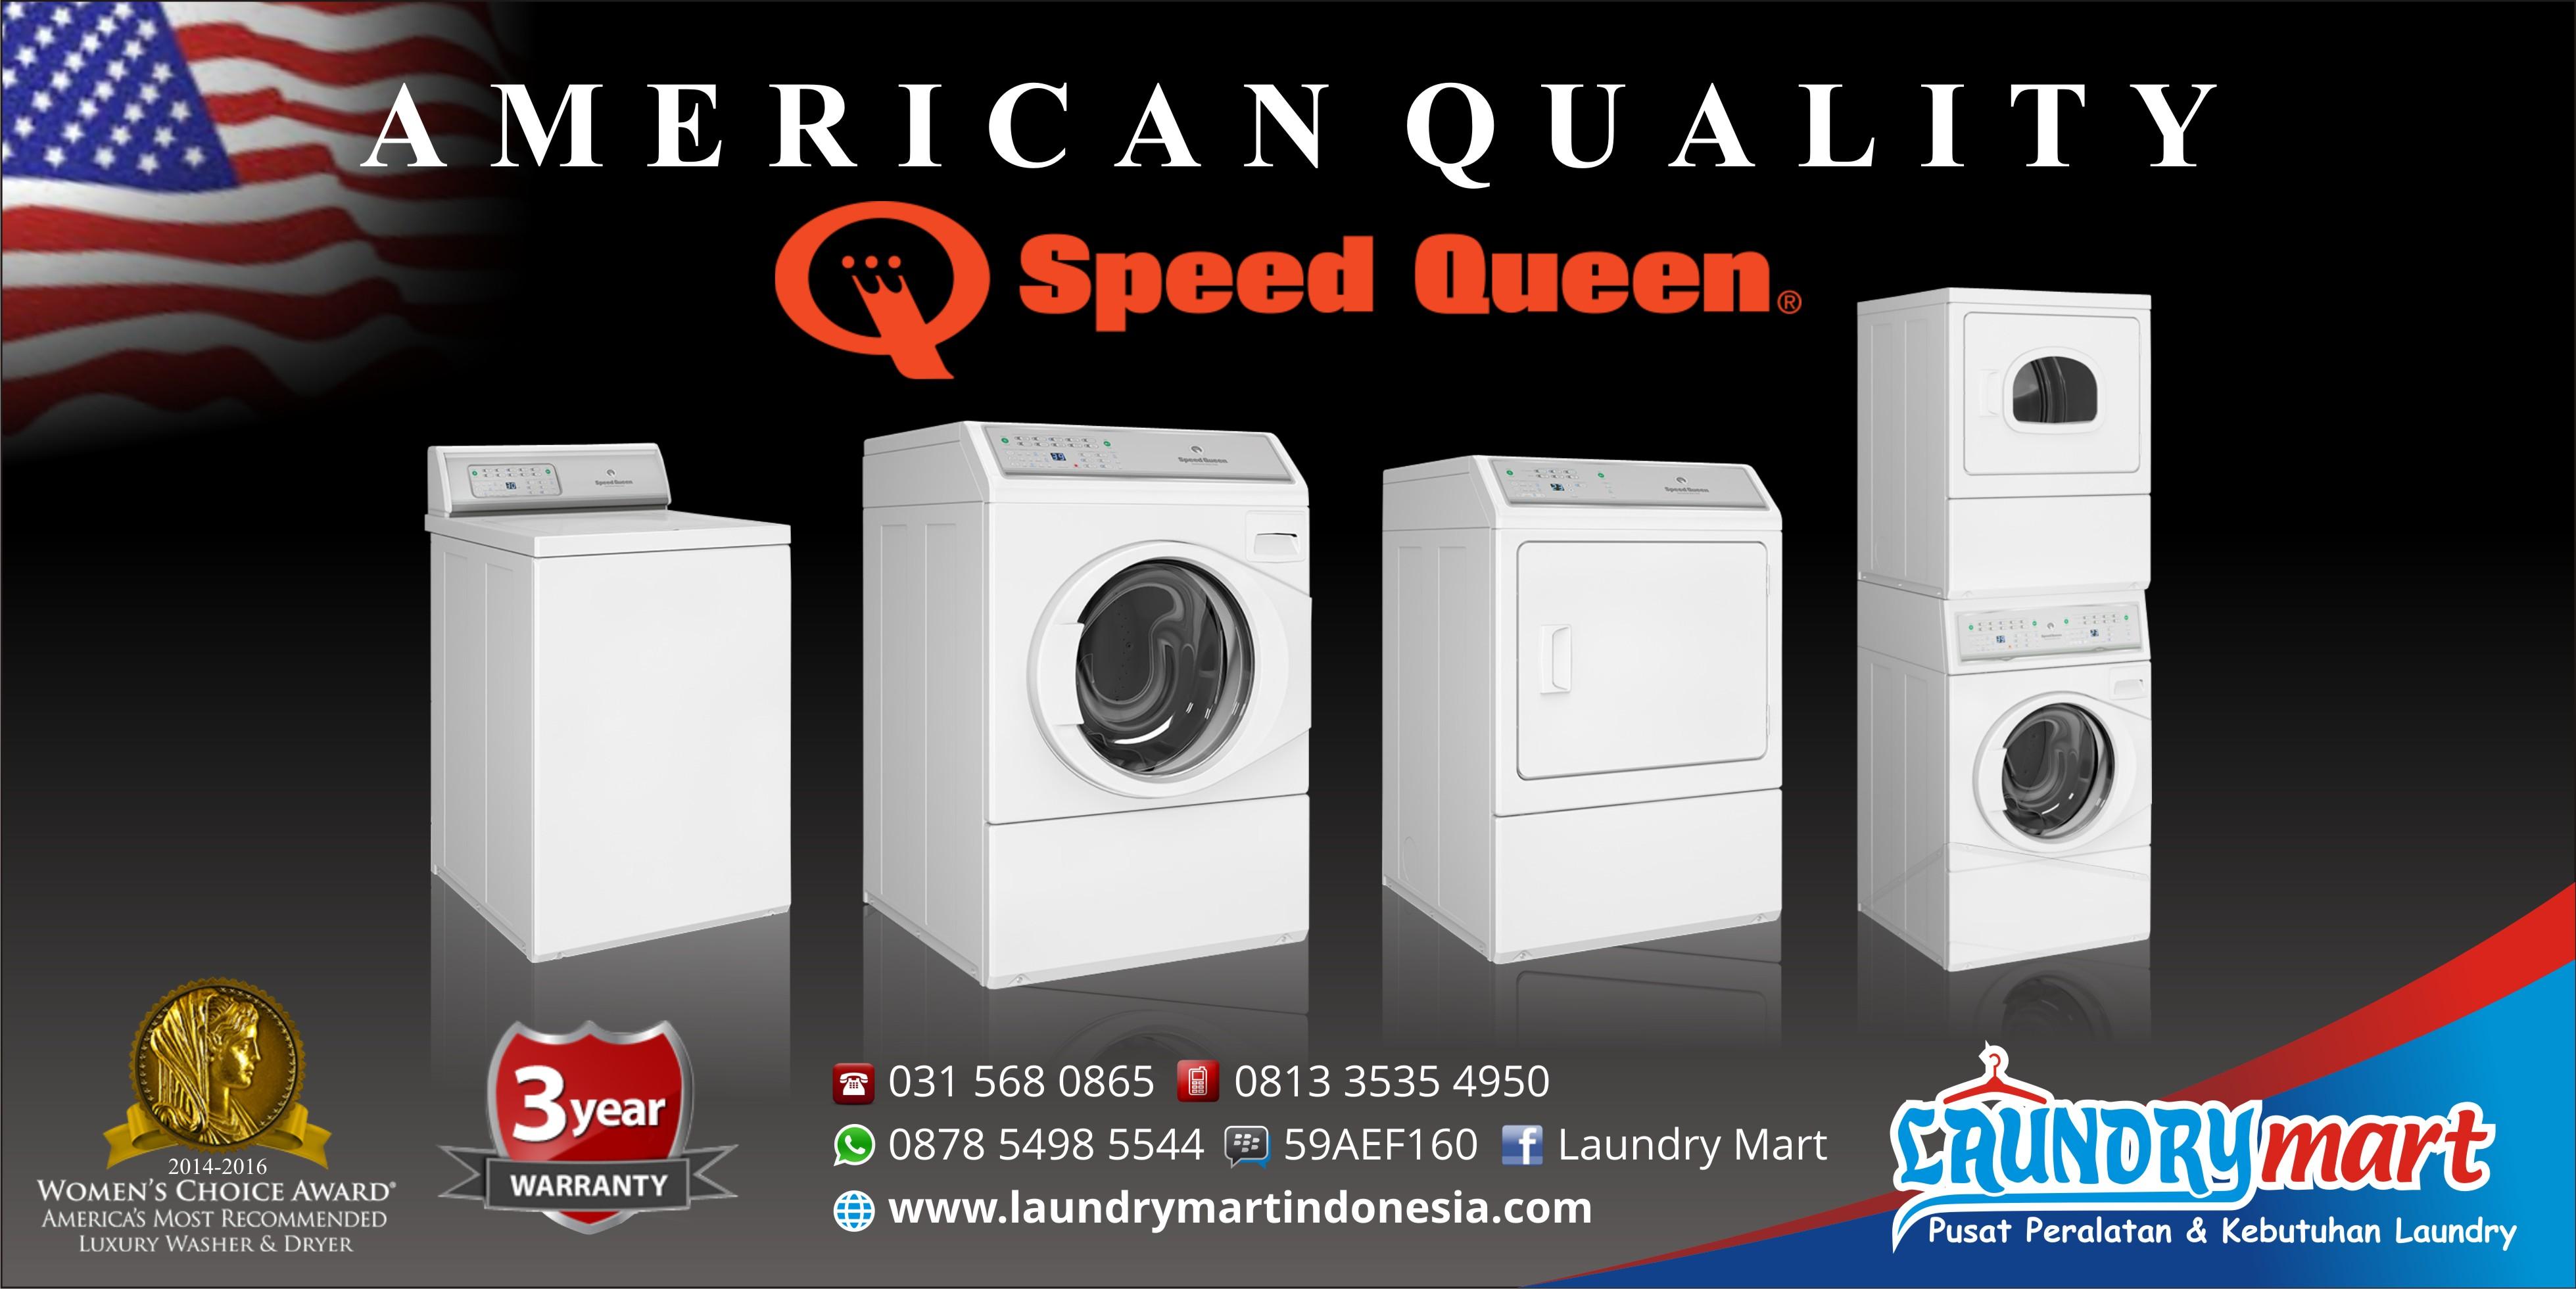 Banner LM SpeedQueen speed queen laundrymart laundry mart - Beranda